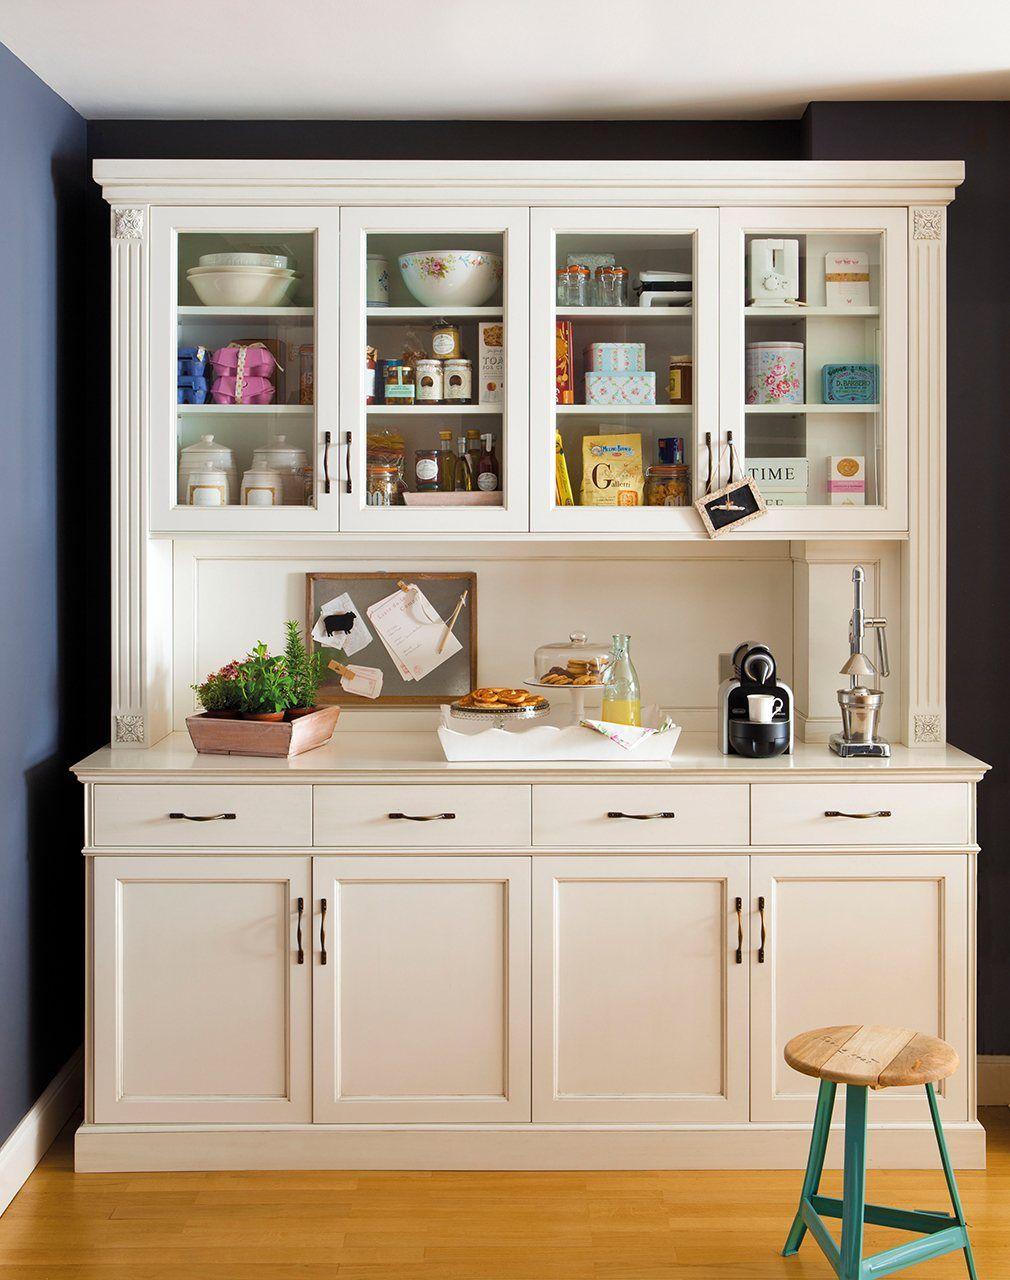 La despensa ideal con alma alacena cocinas y despensa - Mueble despensa cocina ...